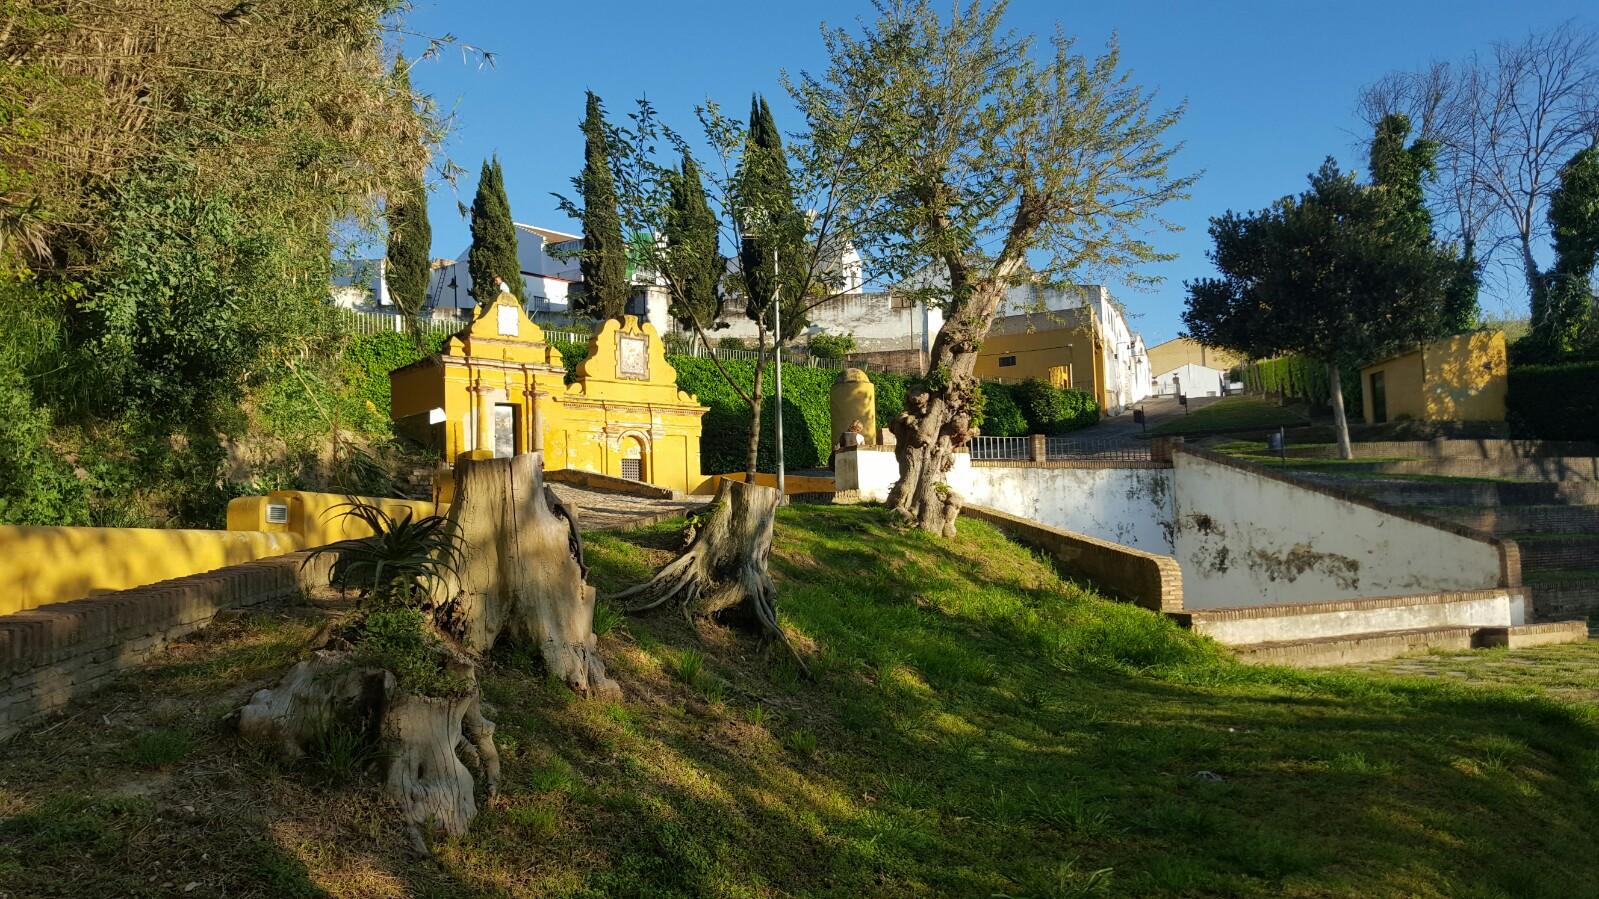 Vista de la Fuente Vieja de Aznalcázar